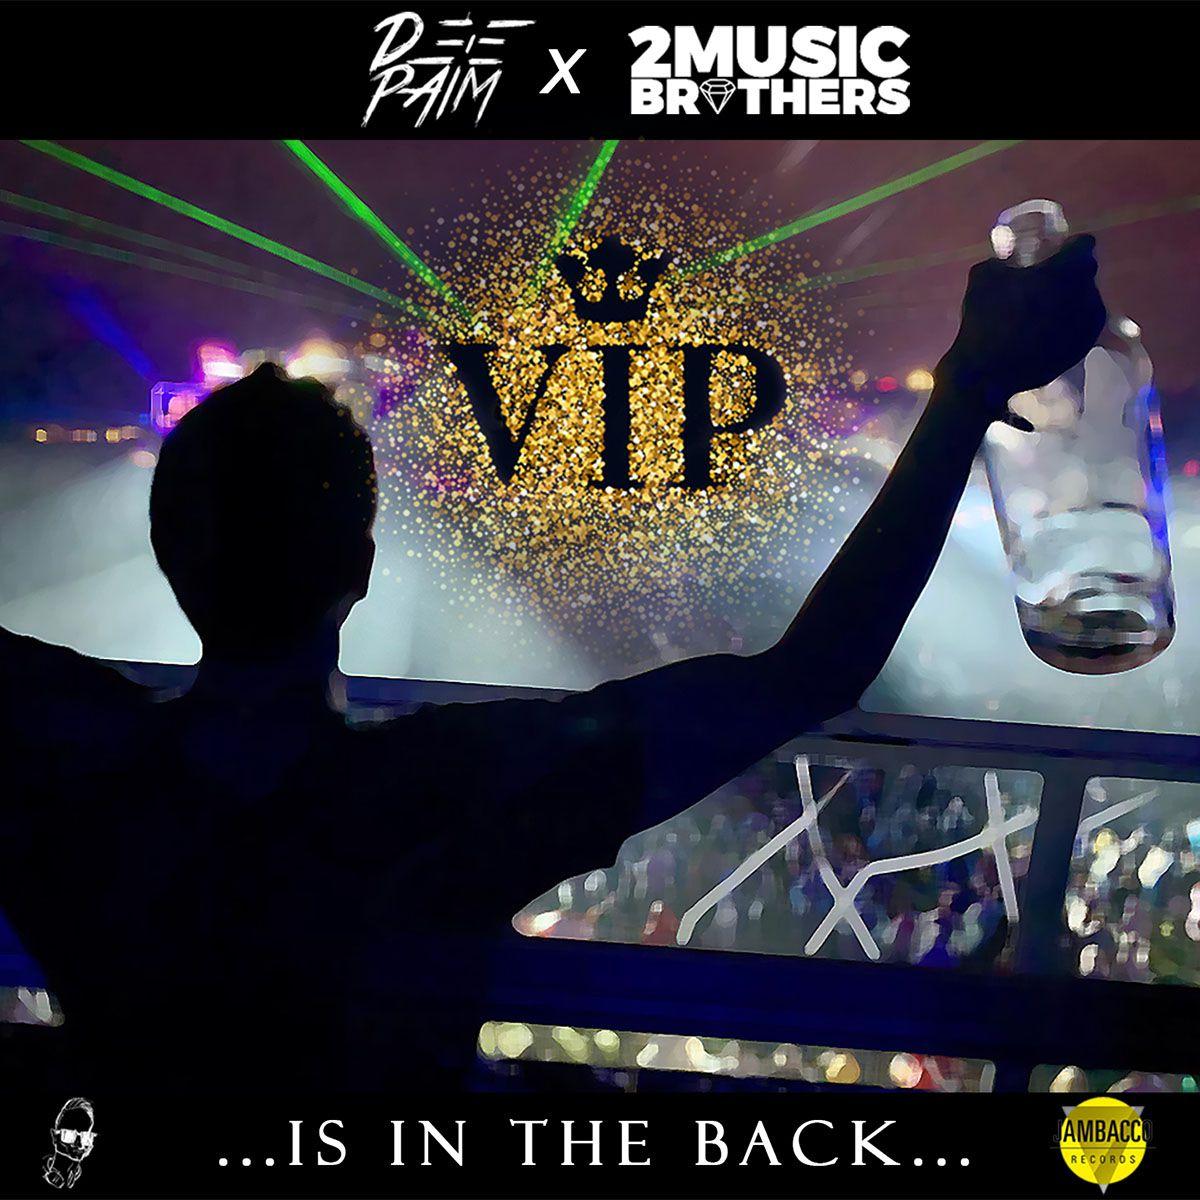 DeePaim x 2Music Brothers veröffentlichen - VIP